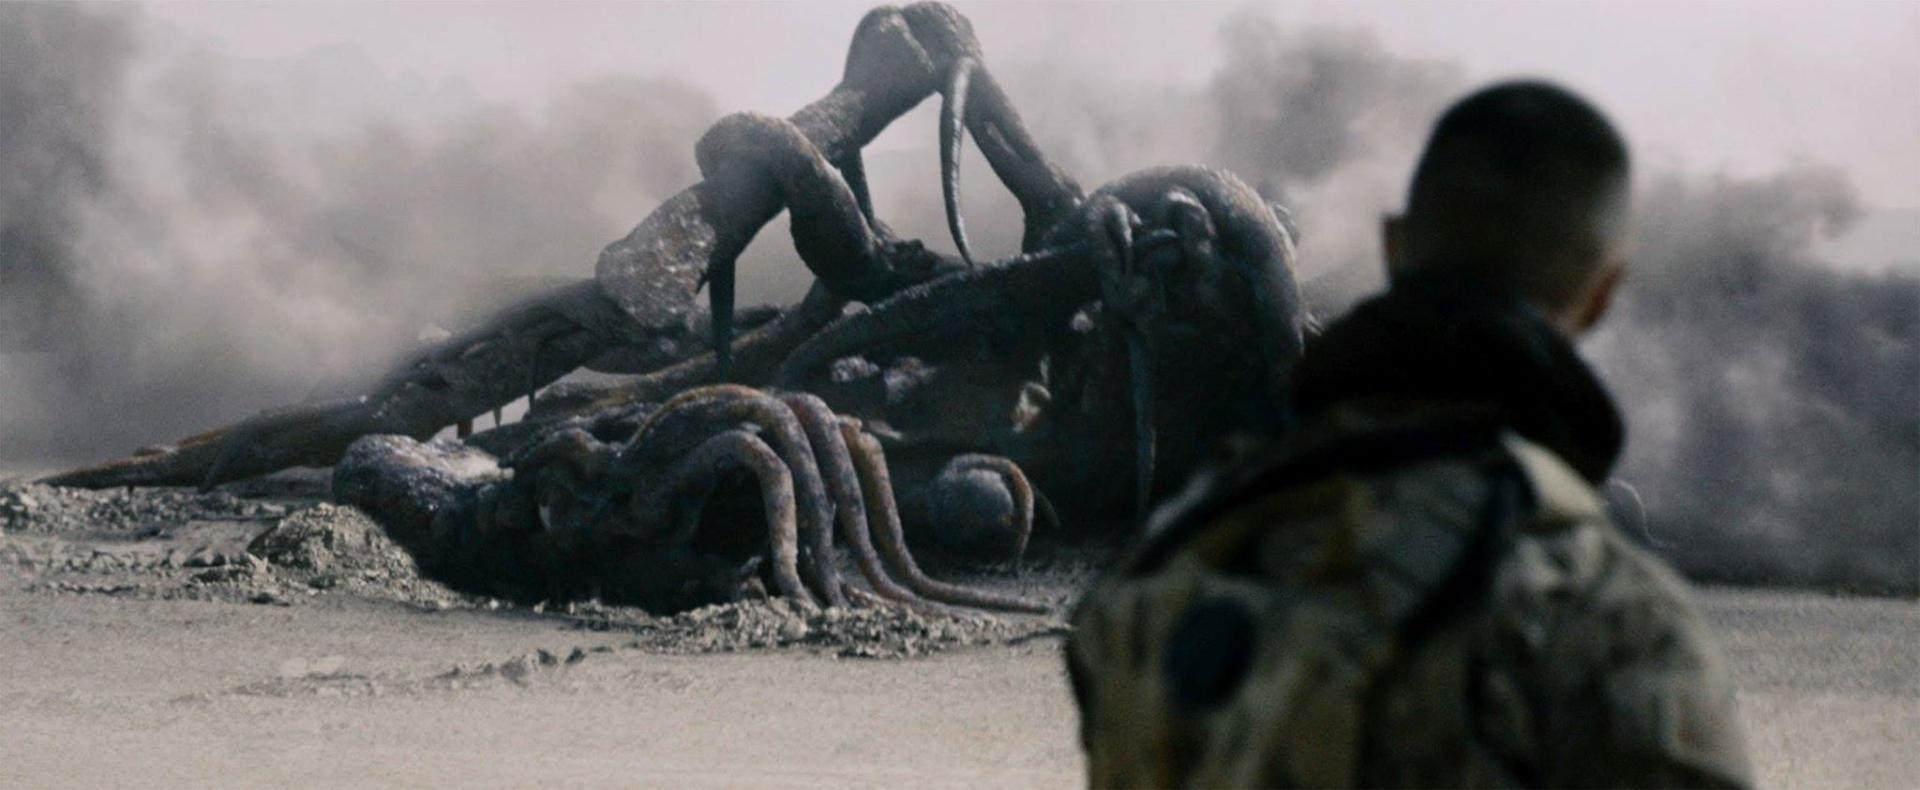 Monsters 2: Dark Continent - Sötét kontinens (2014)